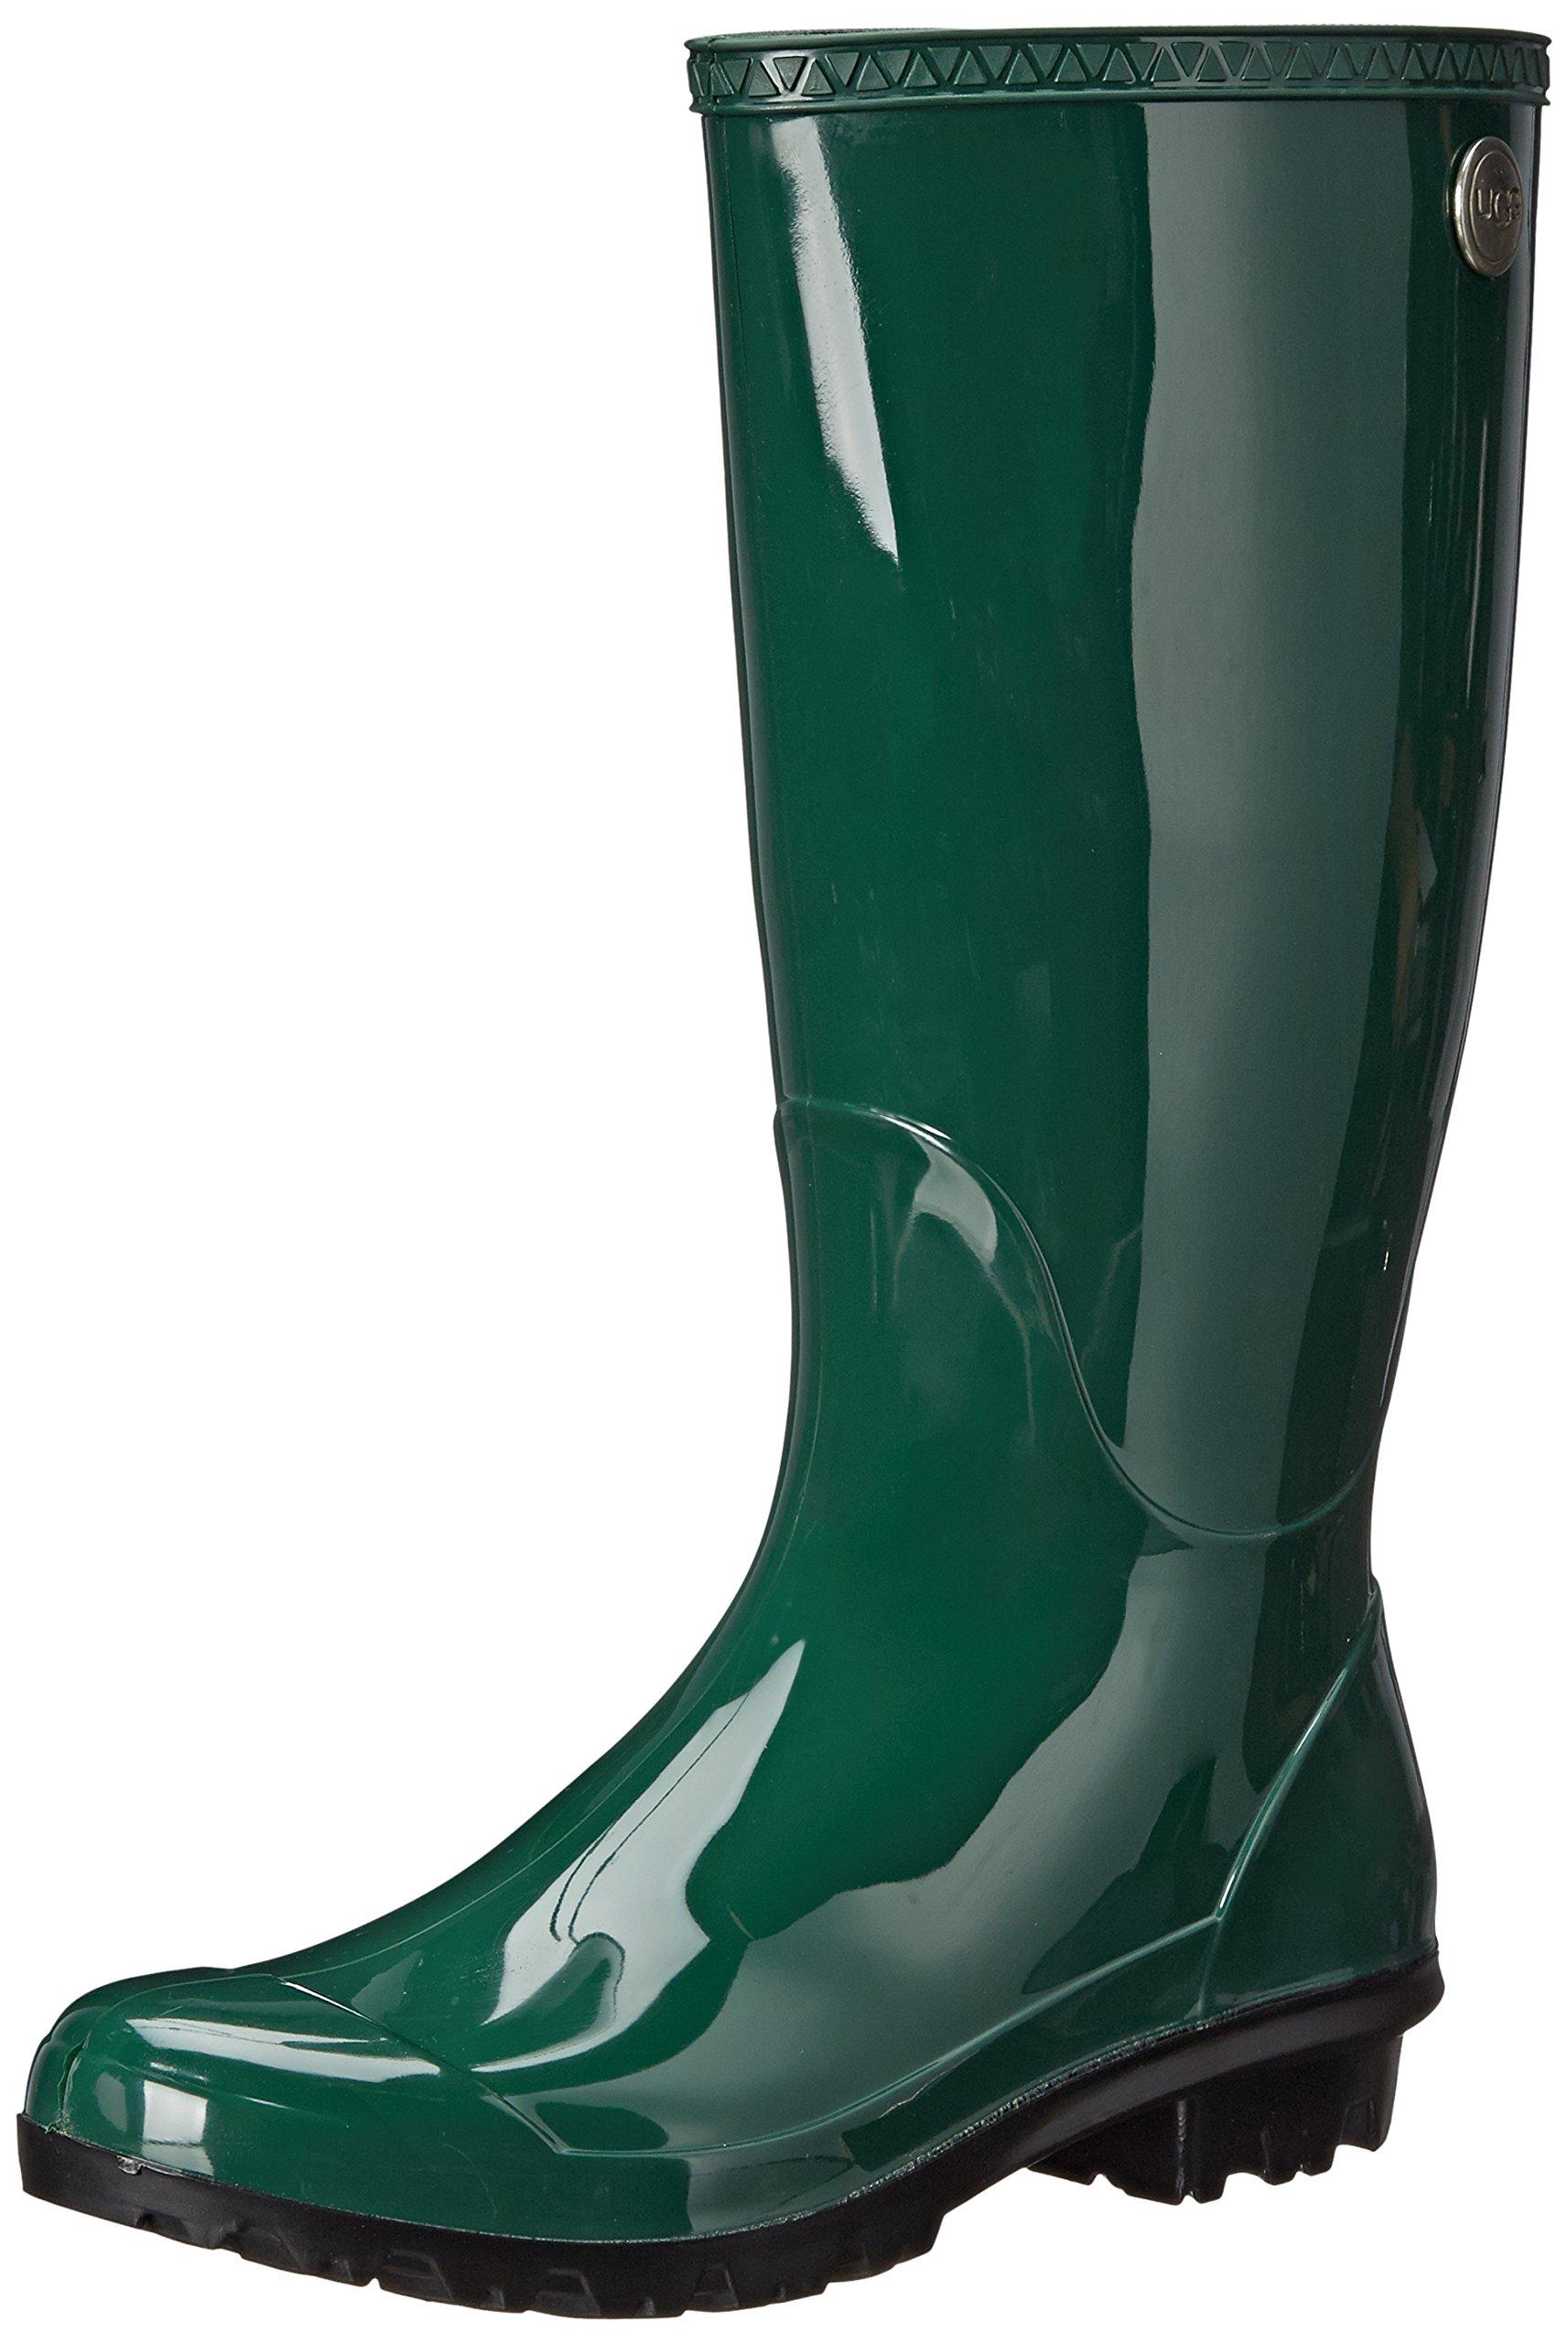 UGG Women's Shaye Rain Boot, Pine, 5 B US